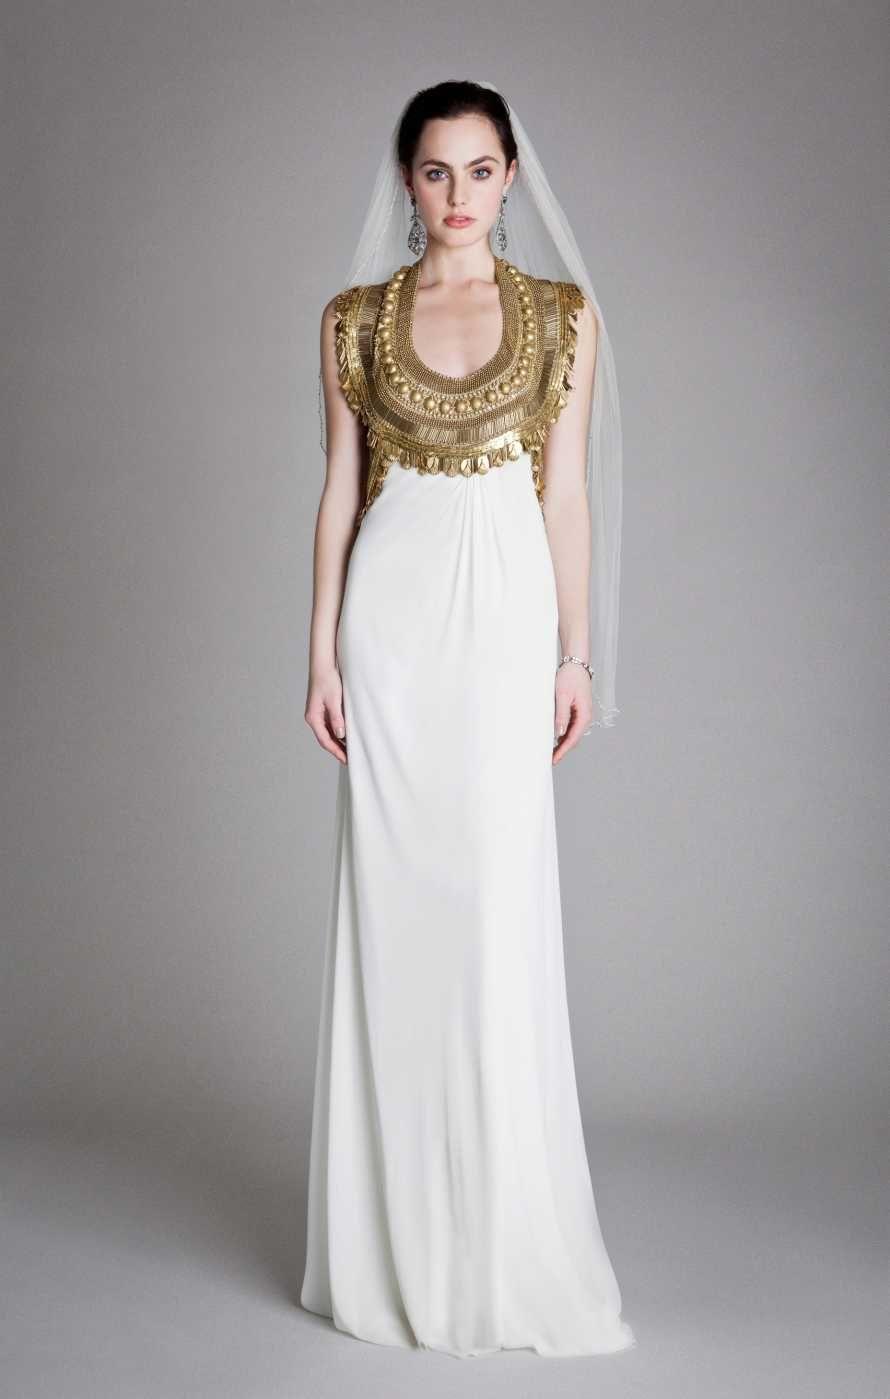 grecian empire wedding dress 12Y RTW Look 6|Goddess Dress ...